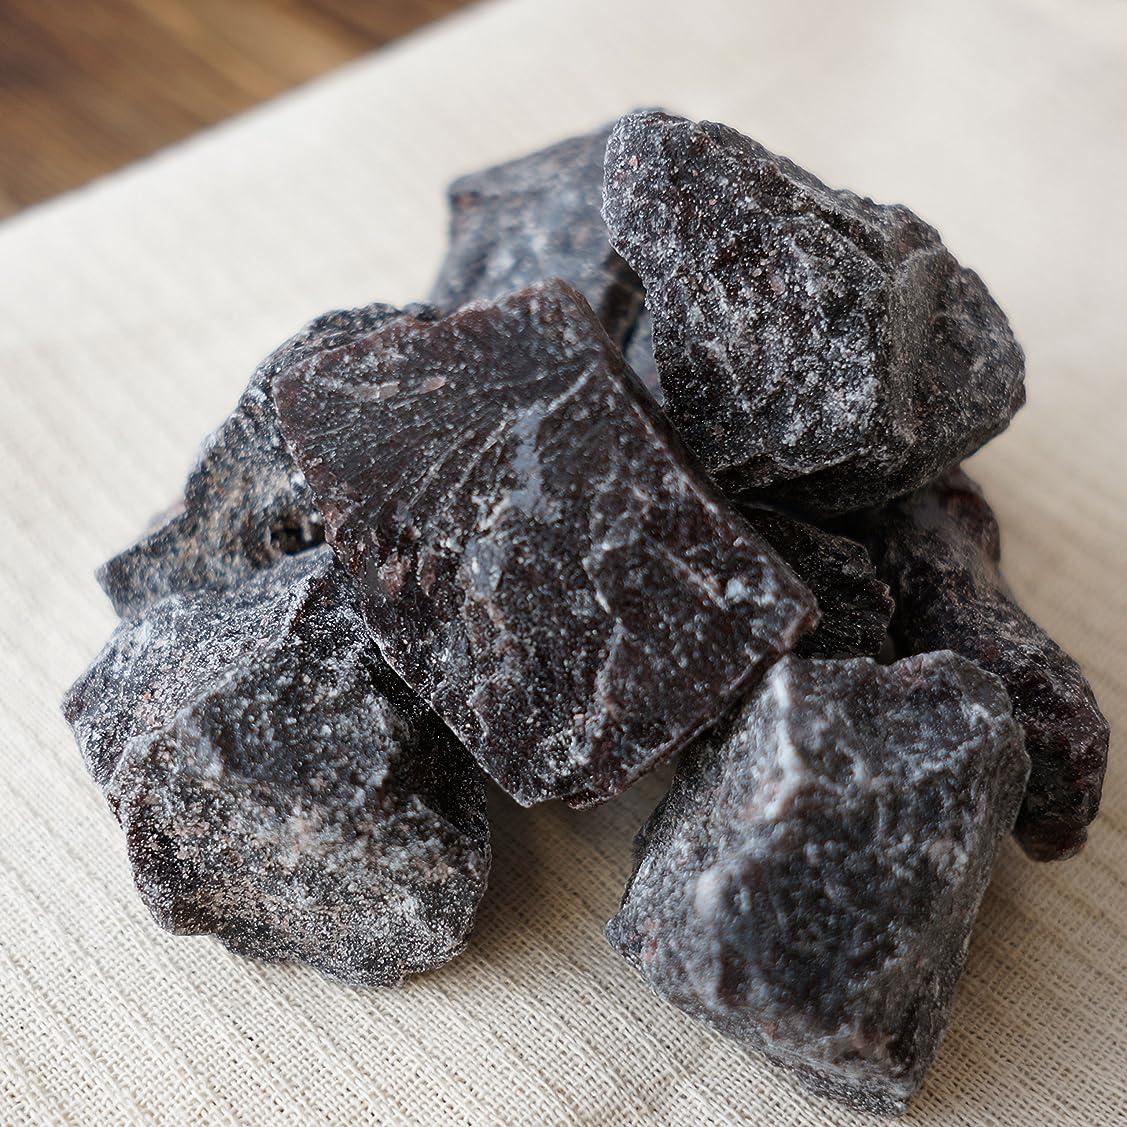 土砂漠効能ある希少 インド岩塩 ルビー ブロック 約2-5cm 20kg 20,000g 原料